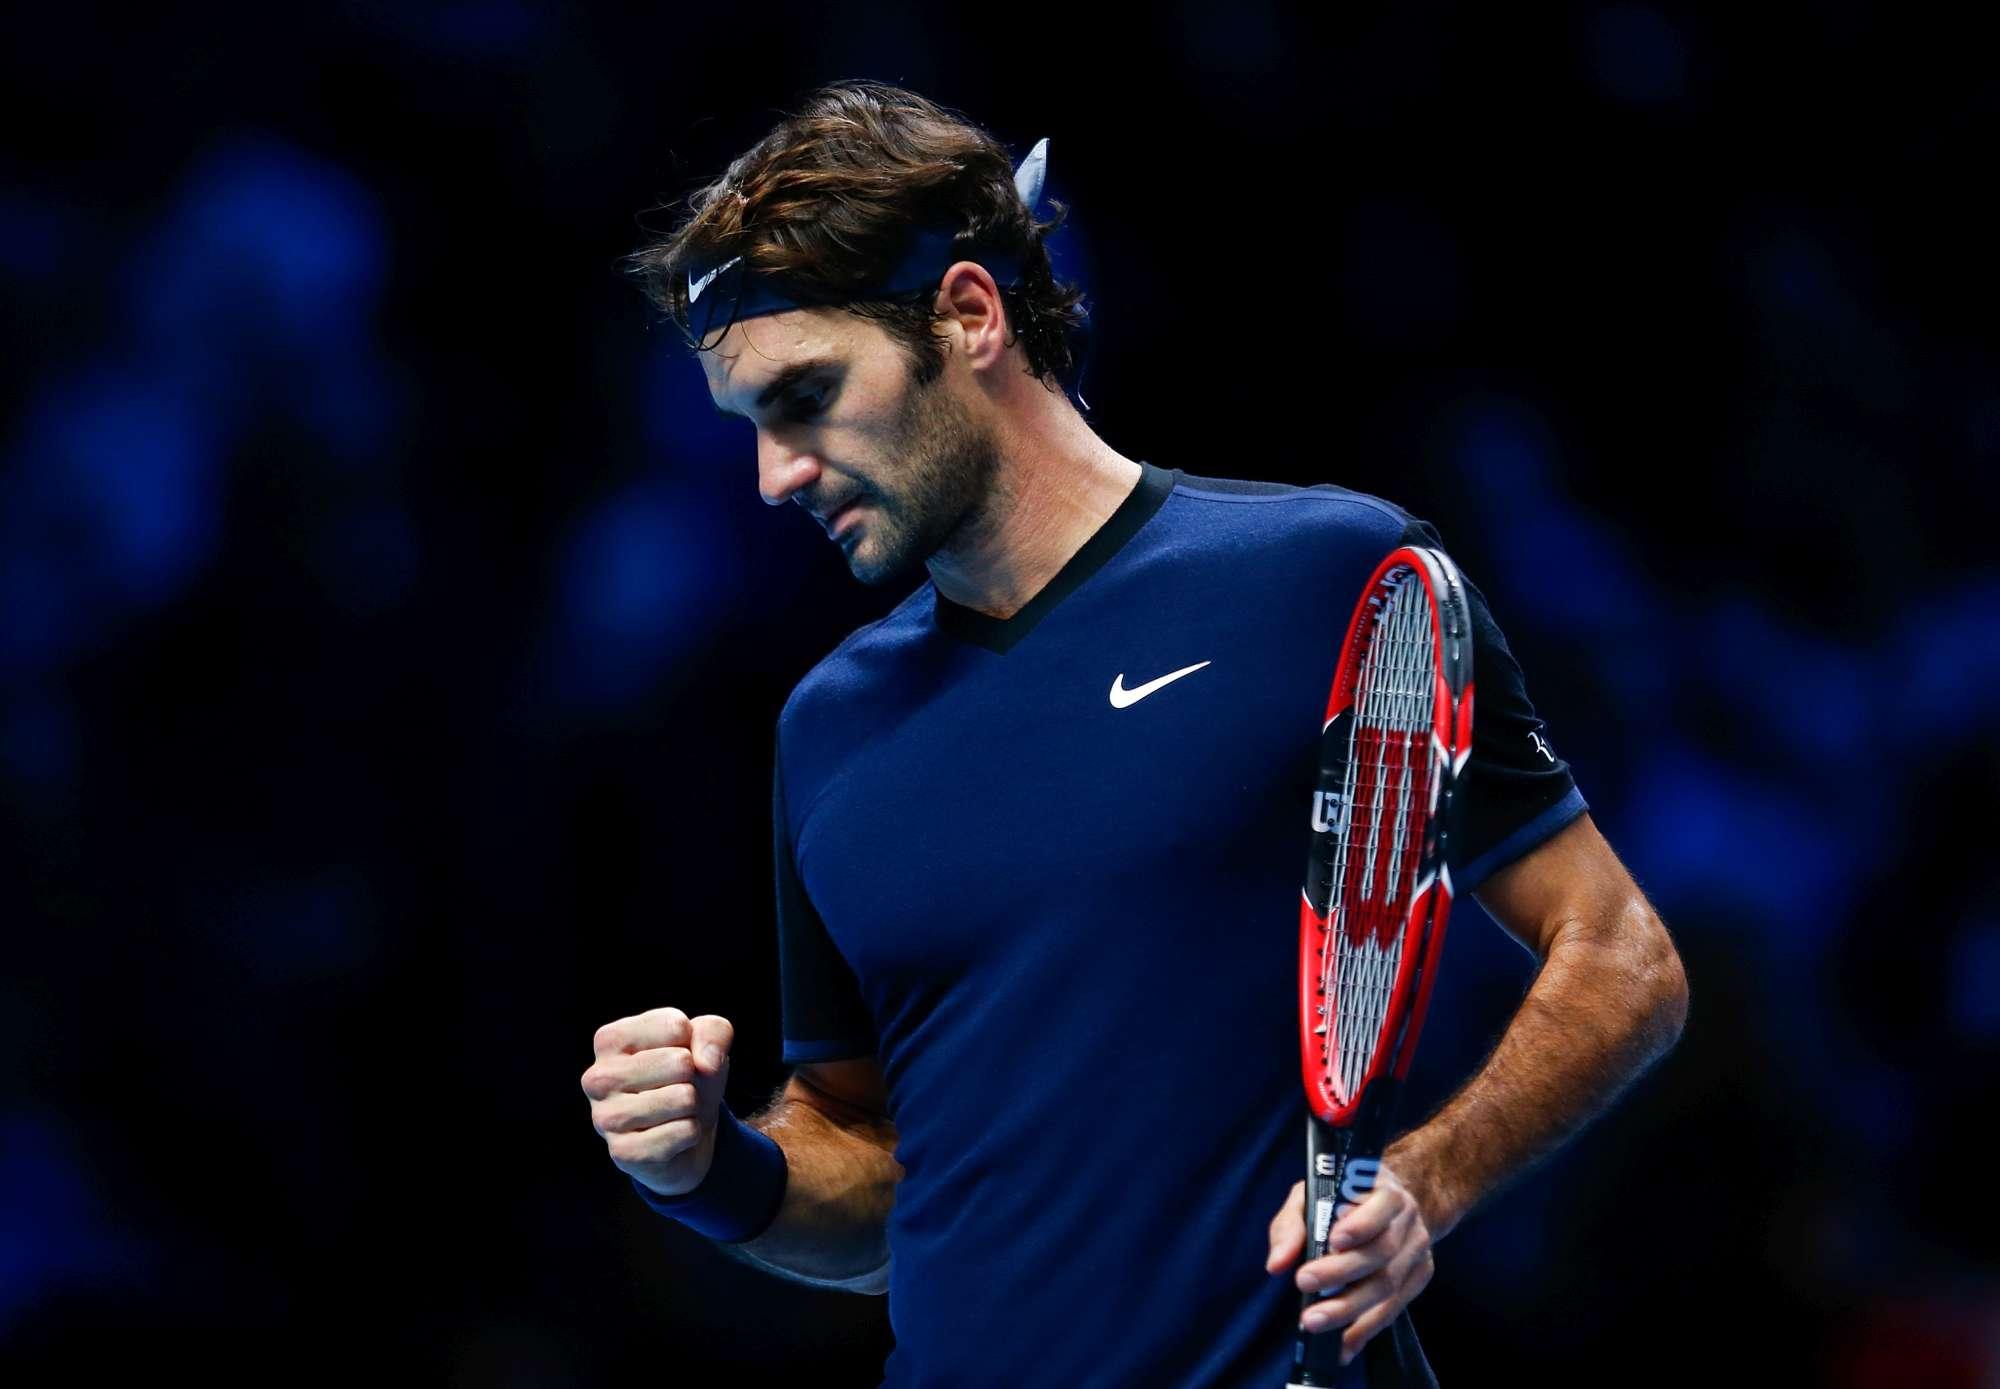 Roger Federer, semifinalista alle Atp Finals di Londra, attende di conoscere il proprio sfidante